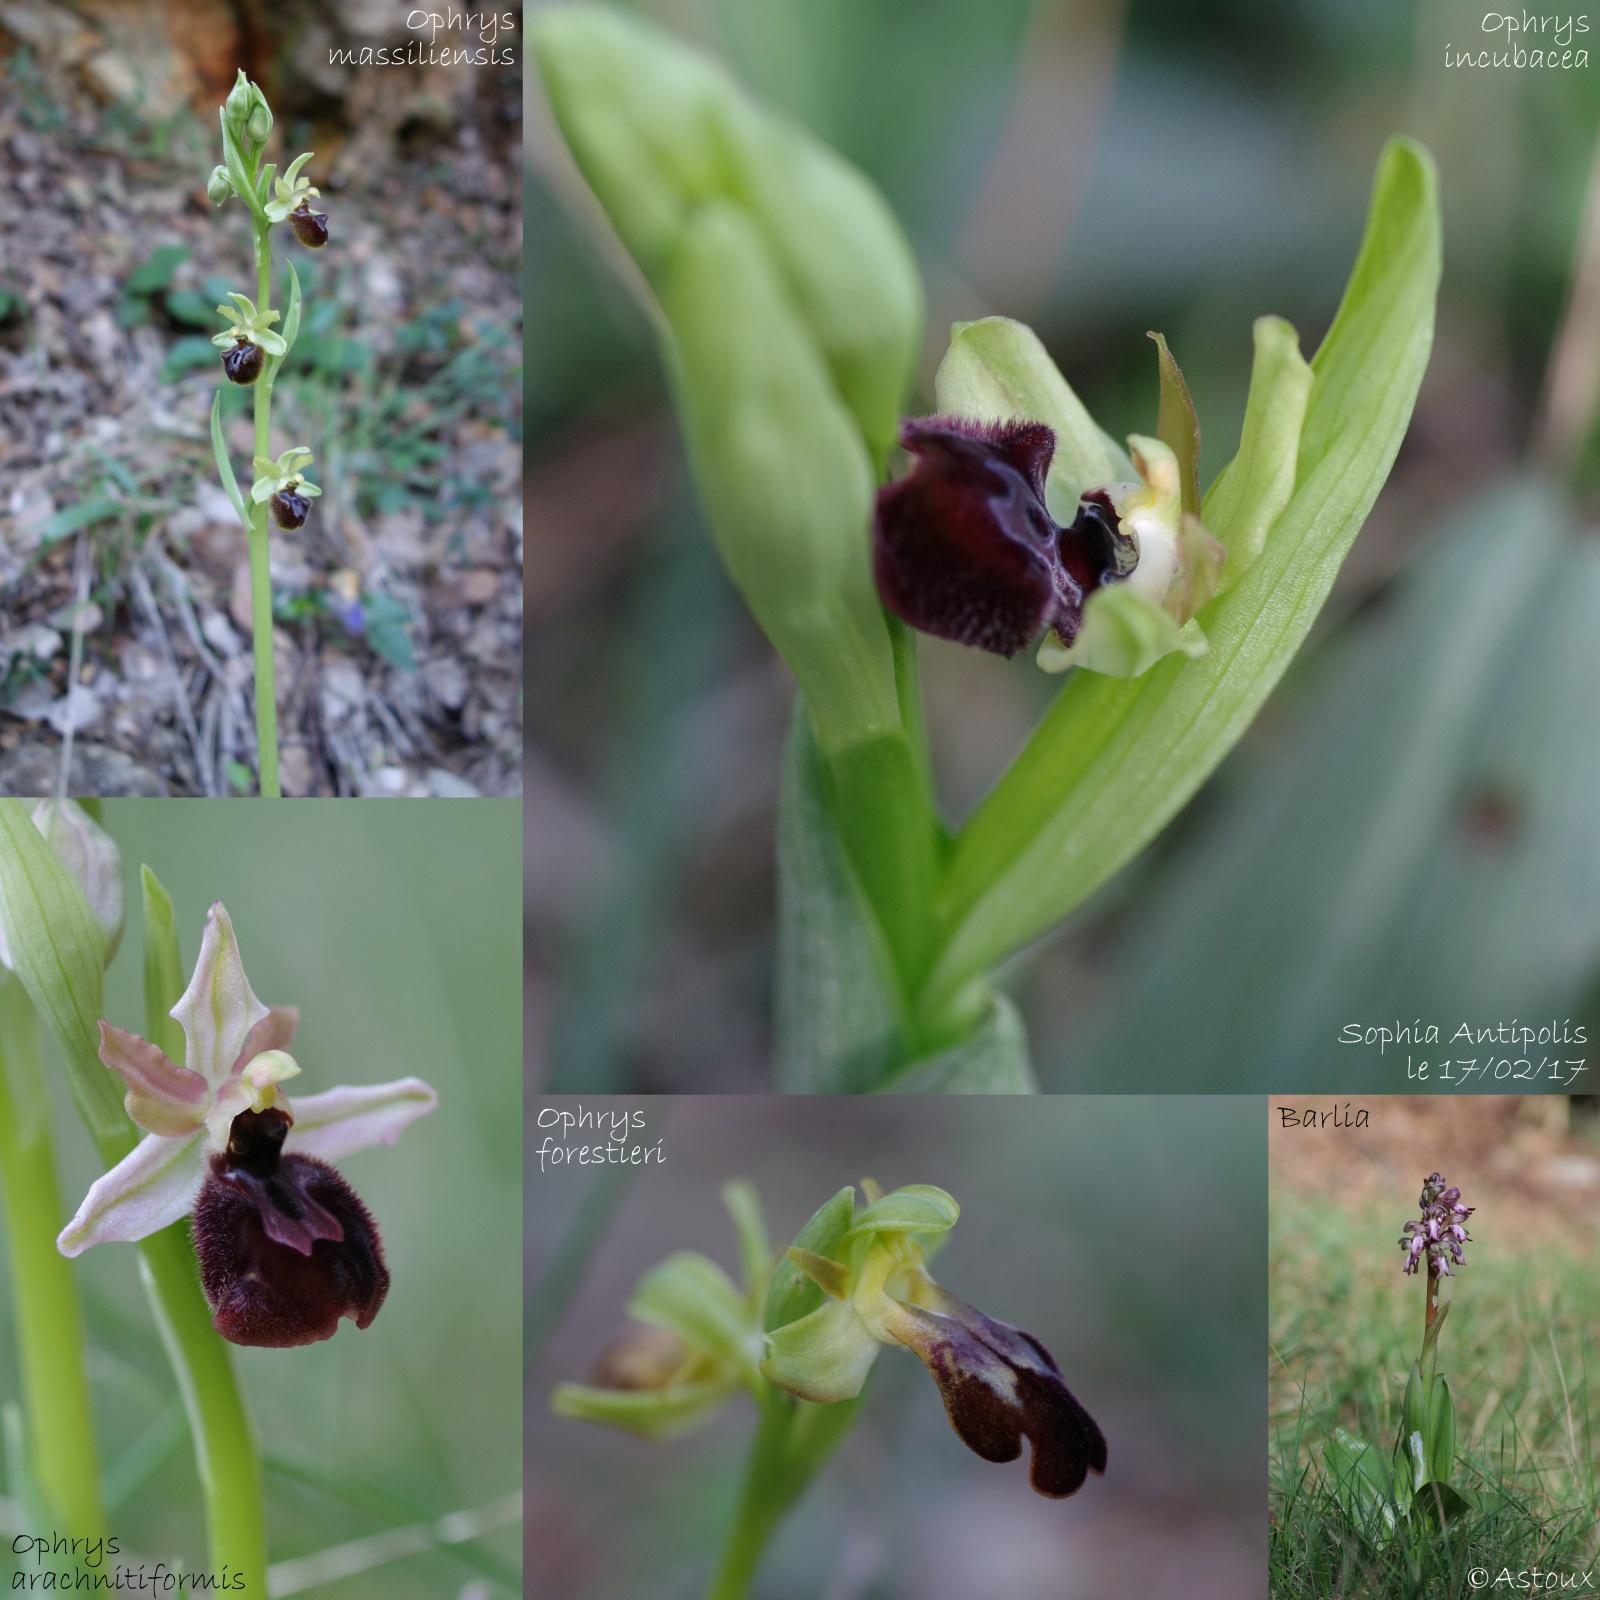 Pas moins de 4 ophrys différents le 17/02/17 à Sophia (06) 949193Orchides1702171